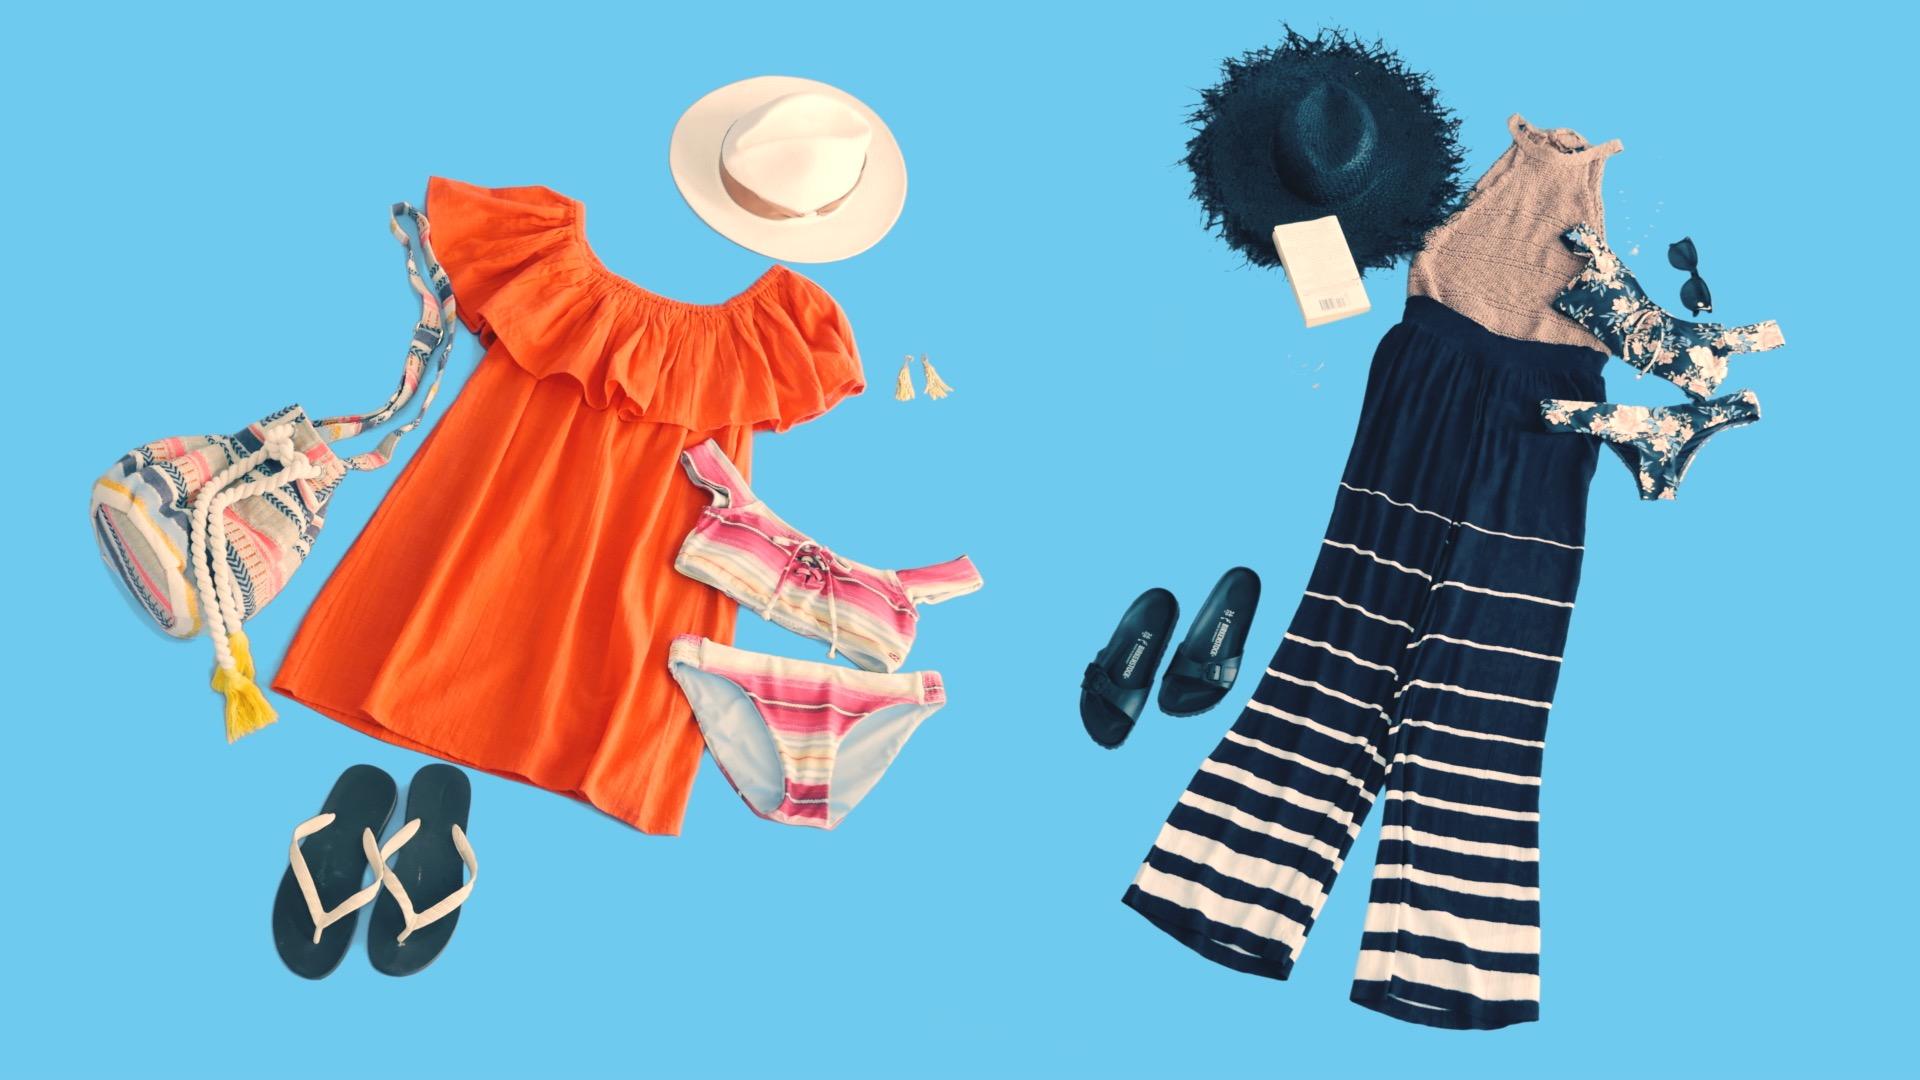 海の季節到来!今年の夏は、ビーチファッションを楽しむヒトになる